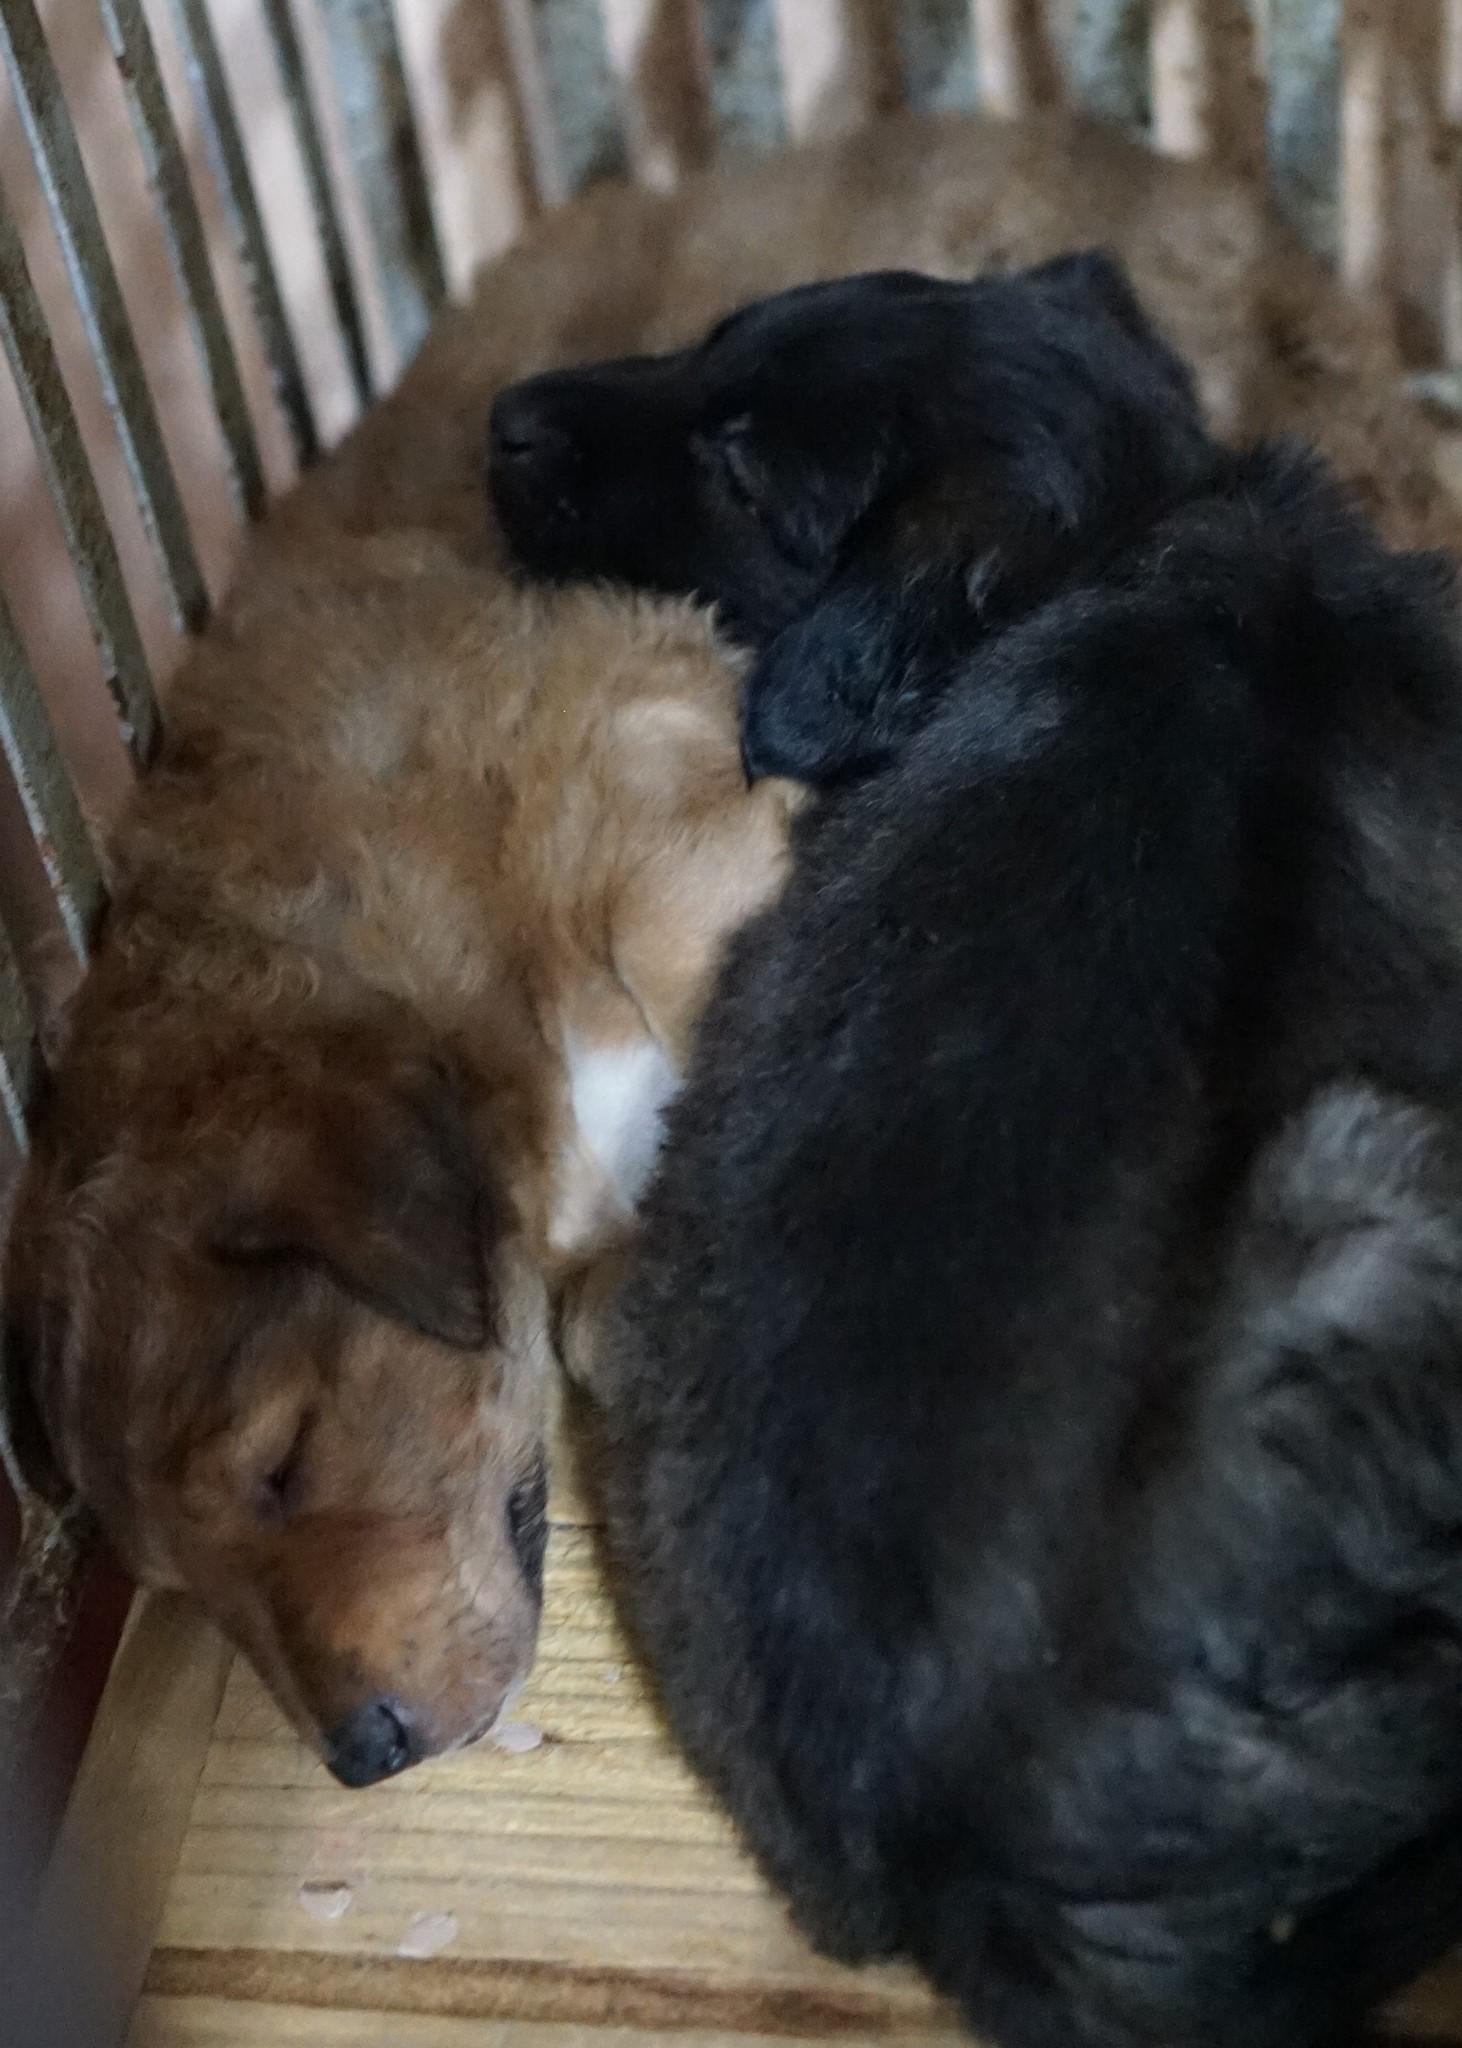 Release/PETA